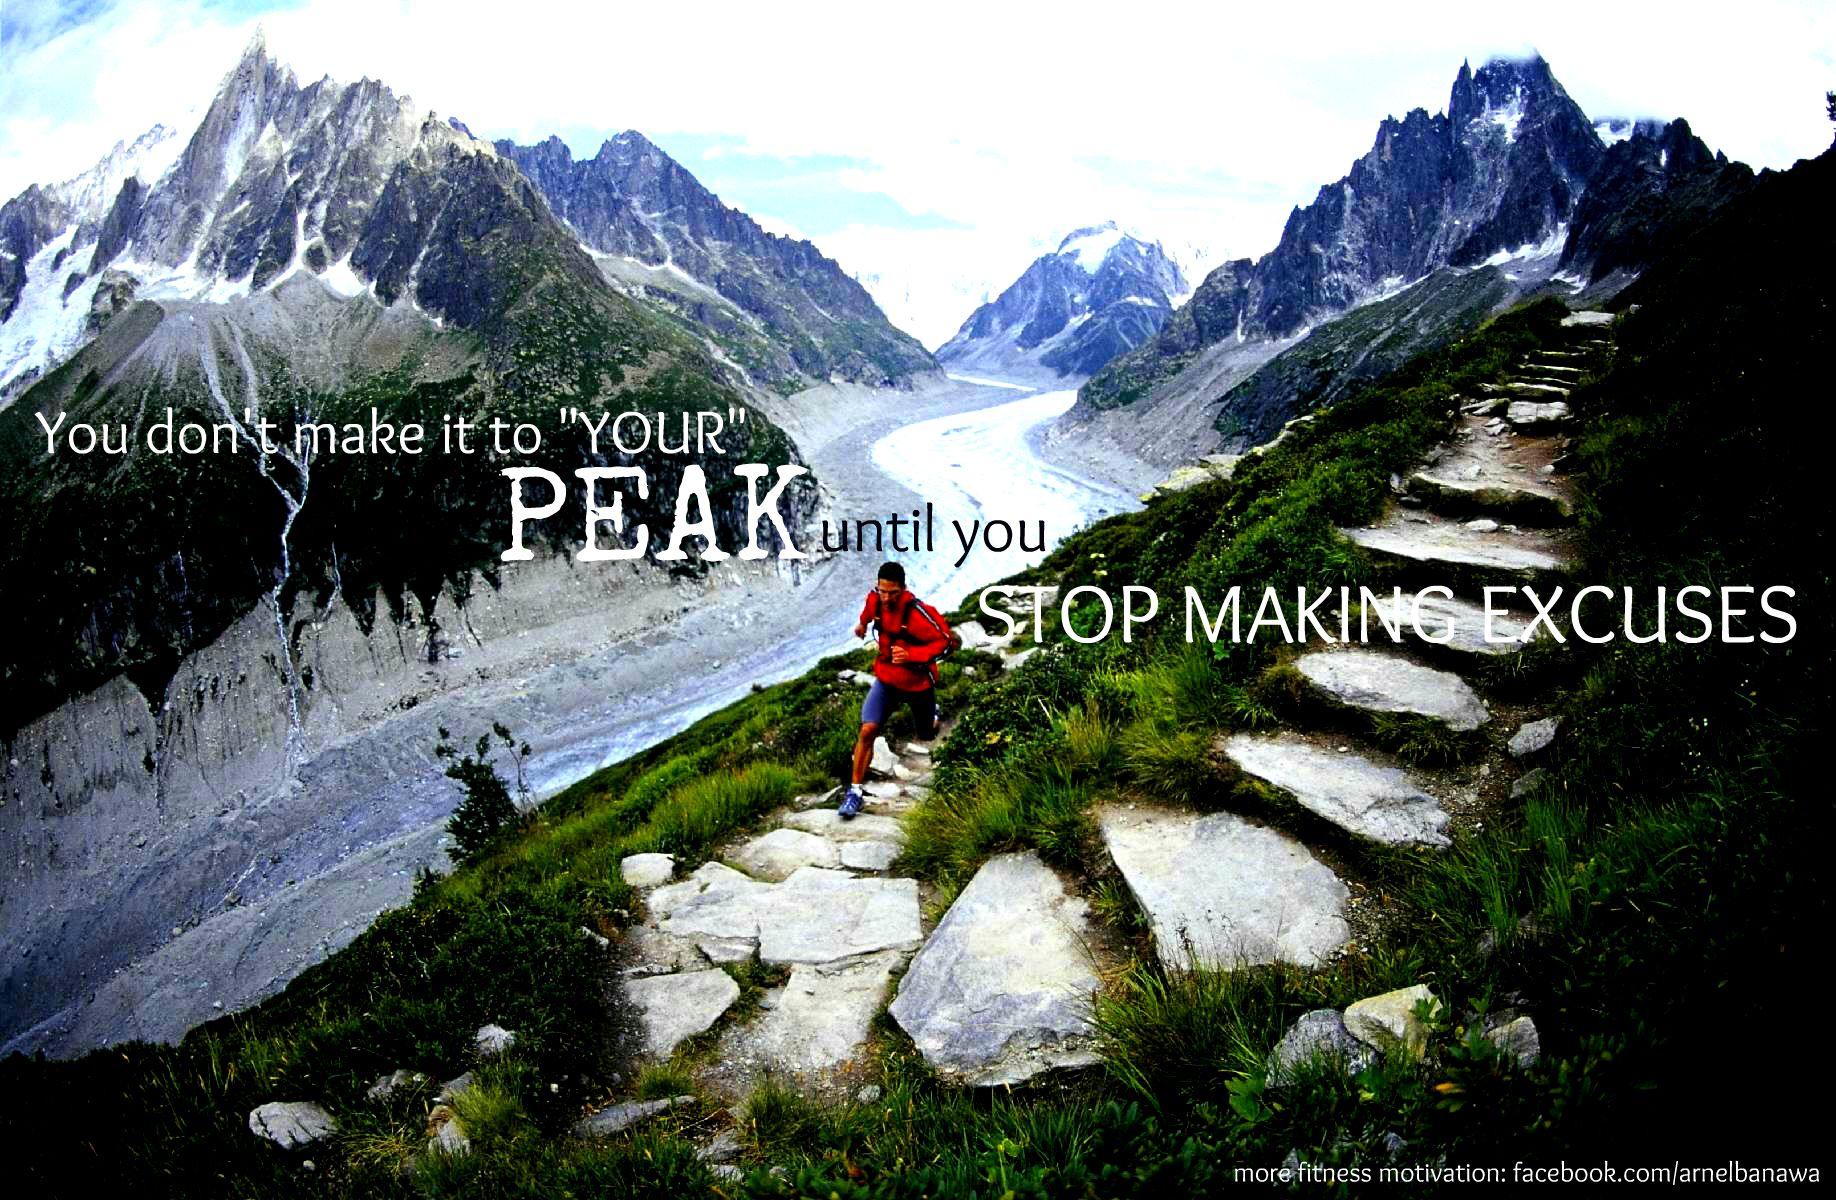 Envision your PEAK, then MAKE IT HAPPEN.